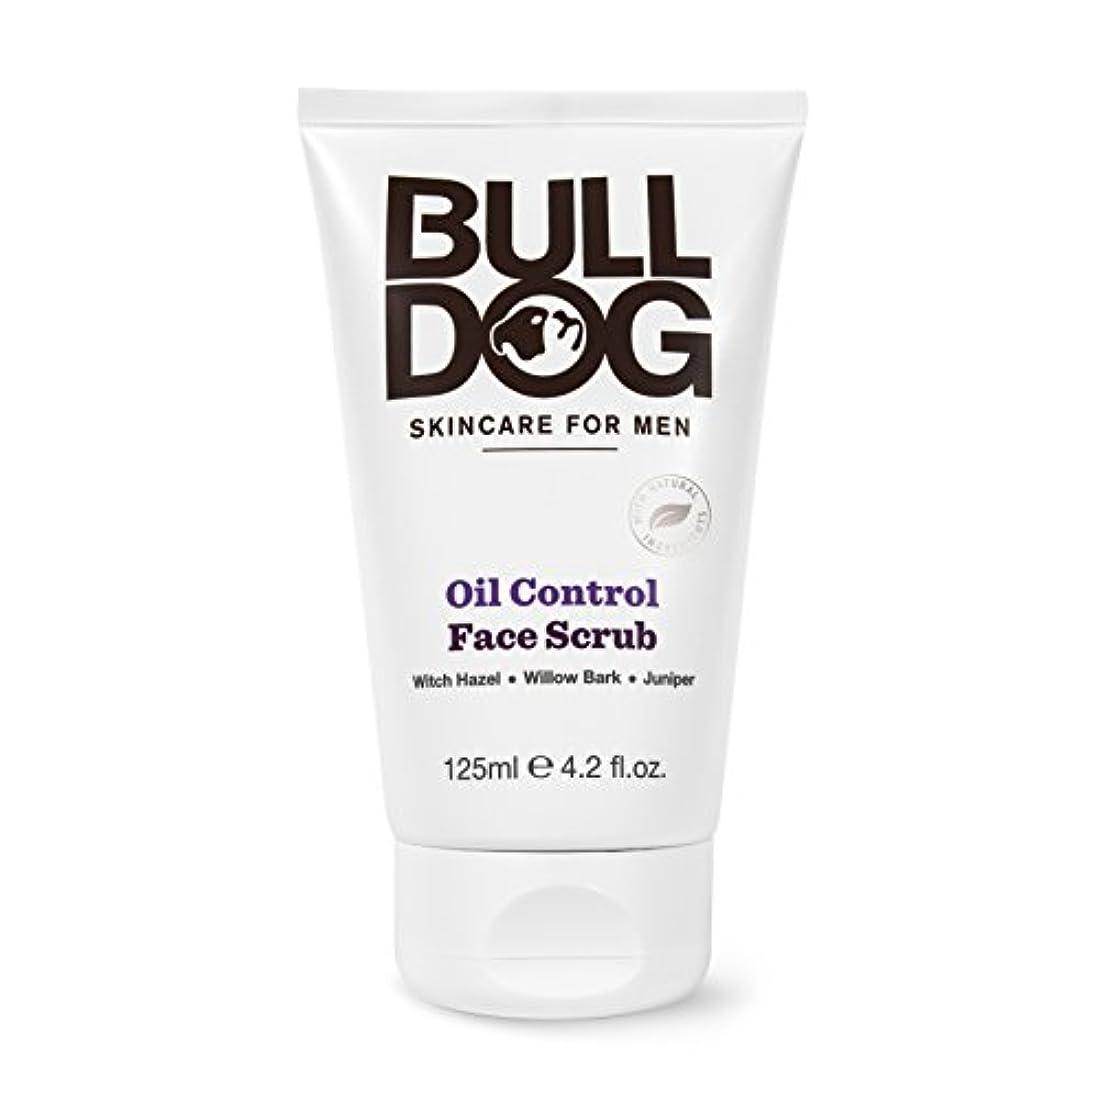 物質噴出する行ブルドッグ(Bulldog) オイルコントロール フェイススクラブ(洗顔料) 125mL